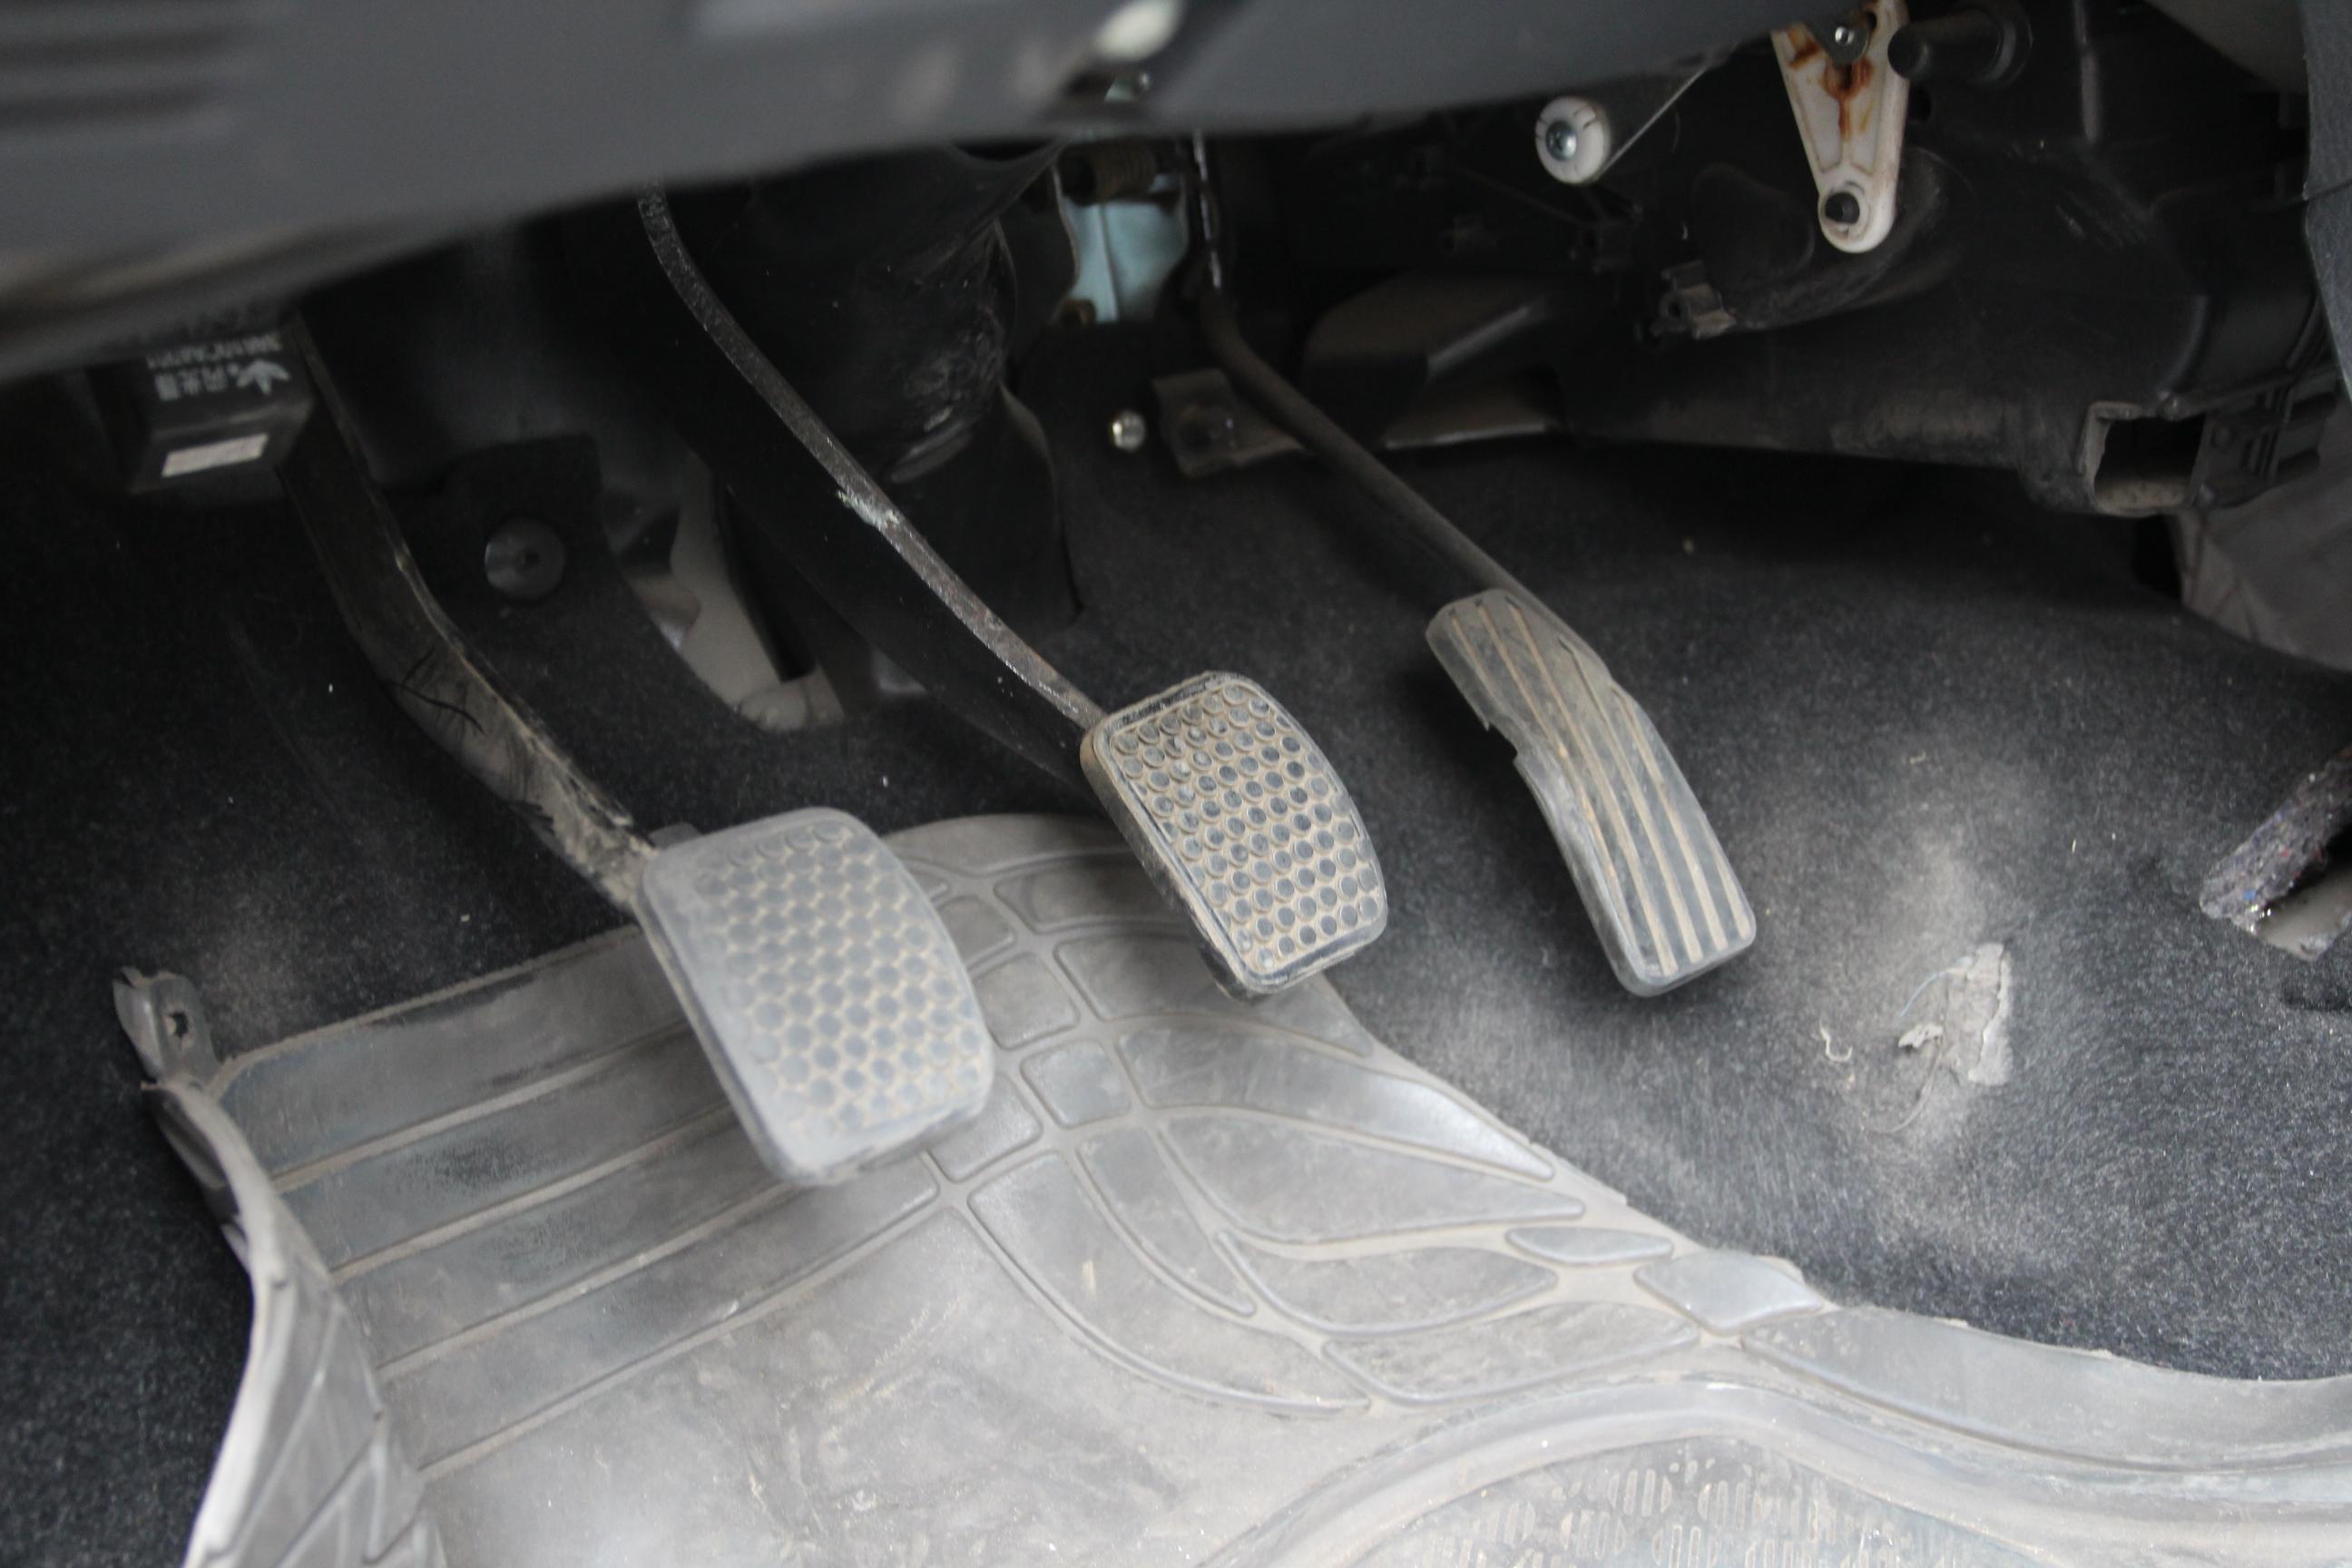 羚羊汽车发电机保险丝盒图解